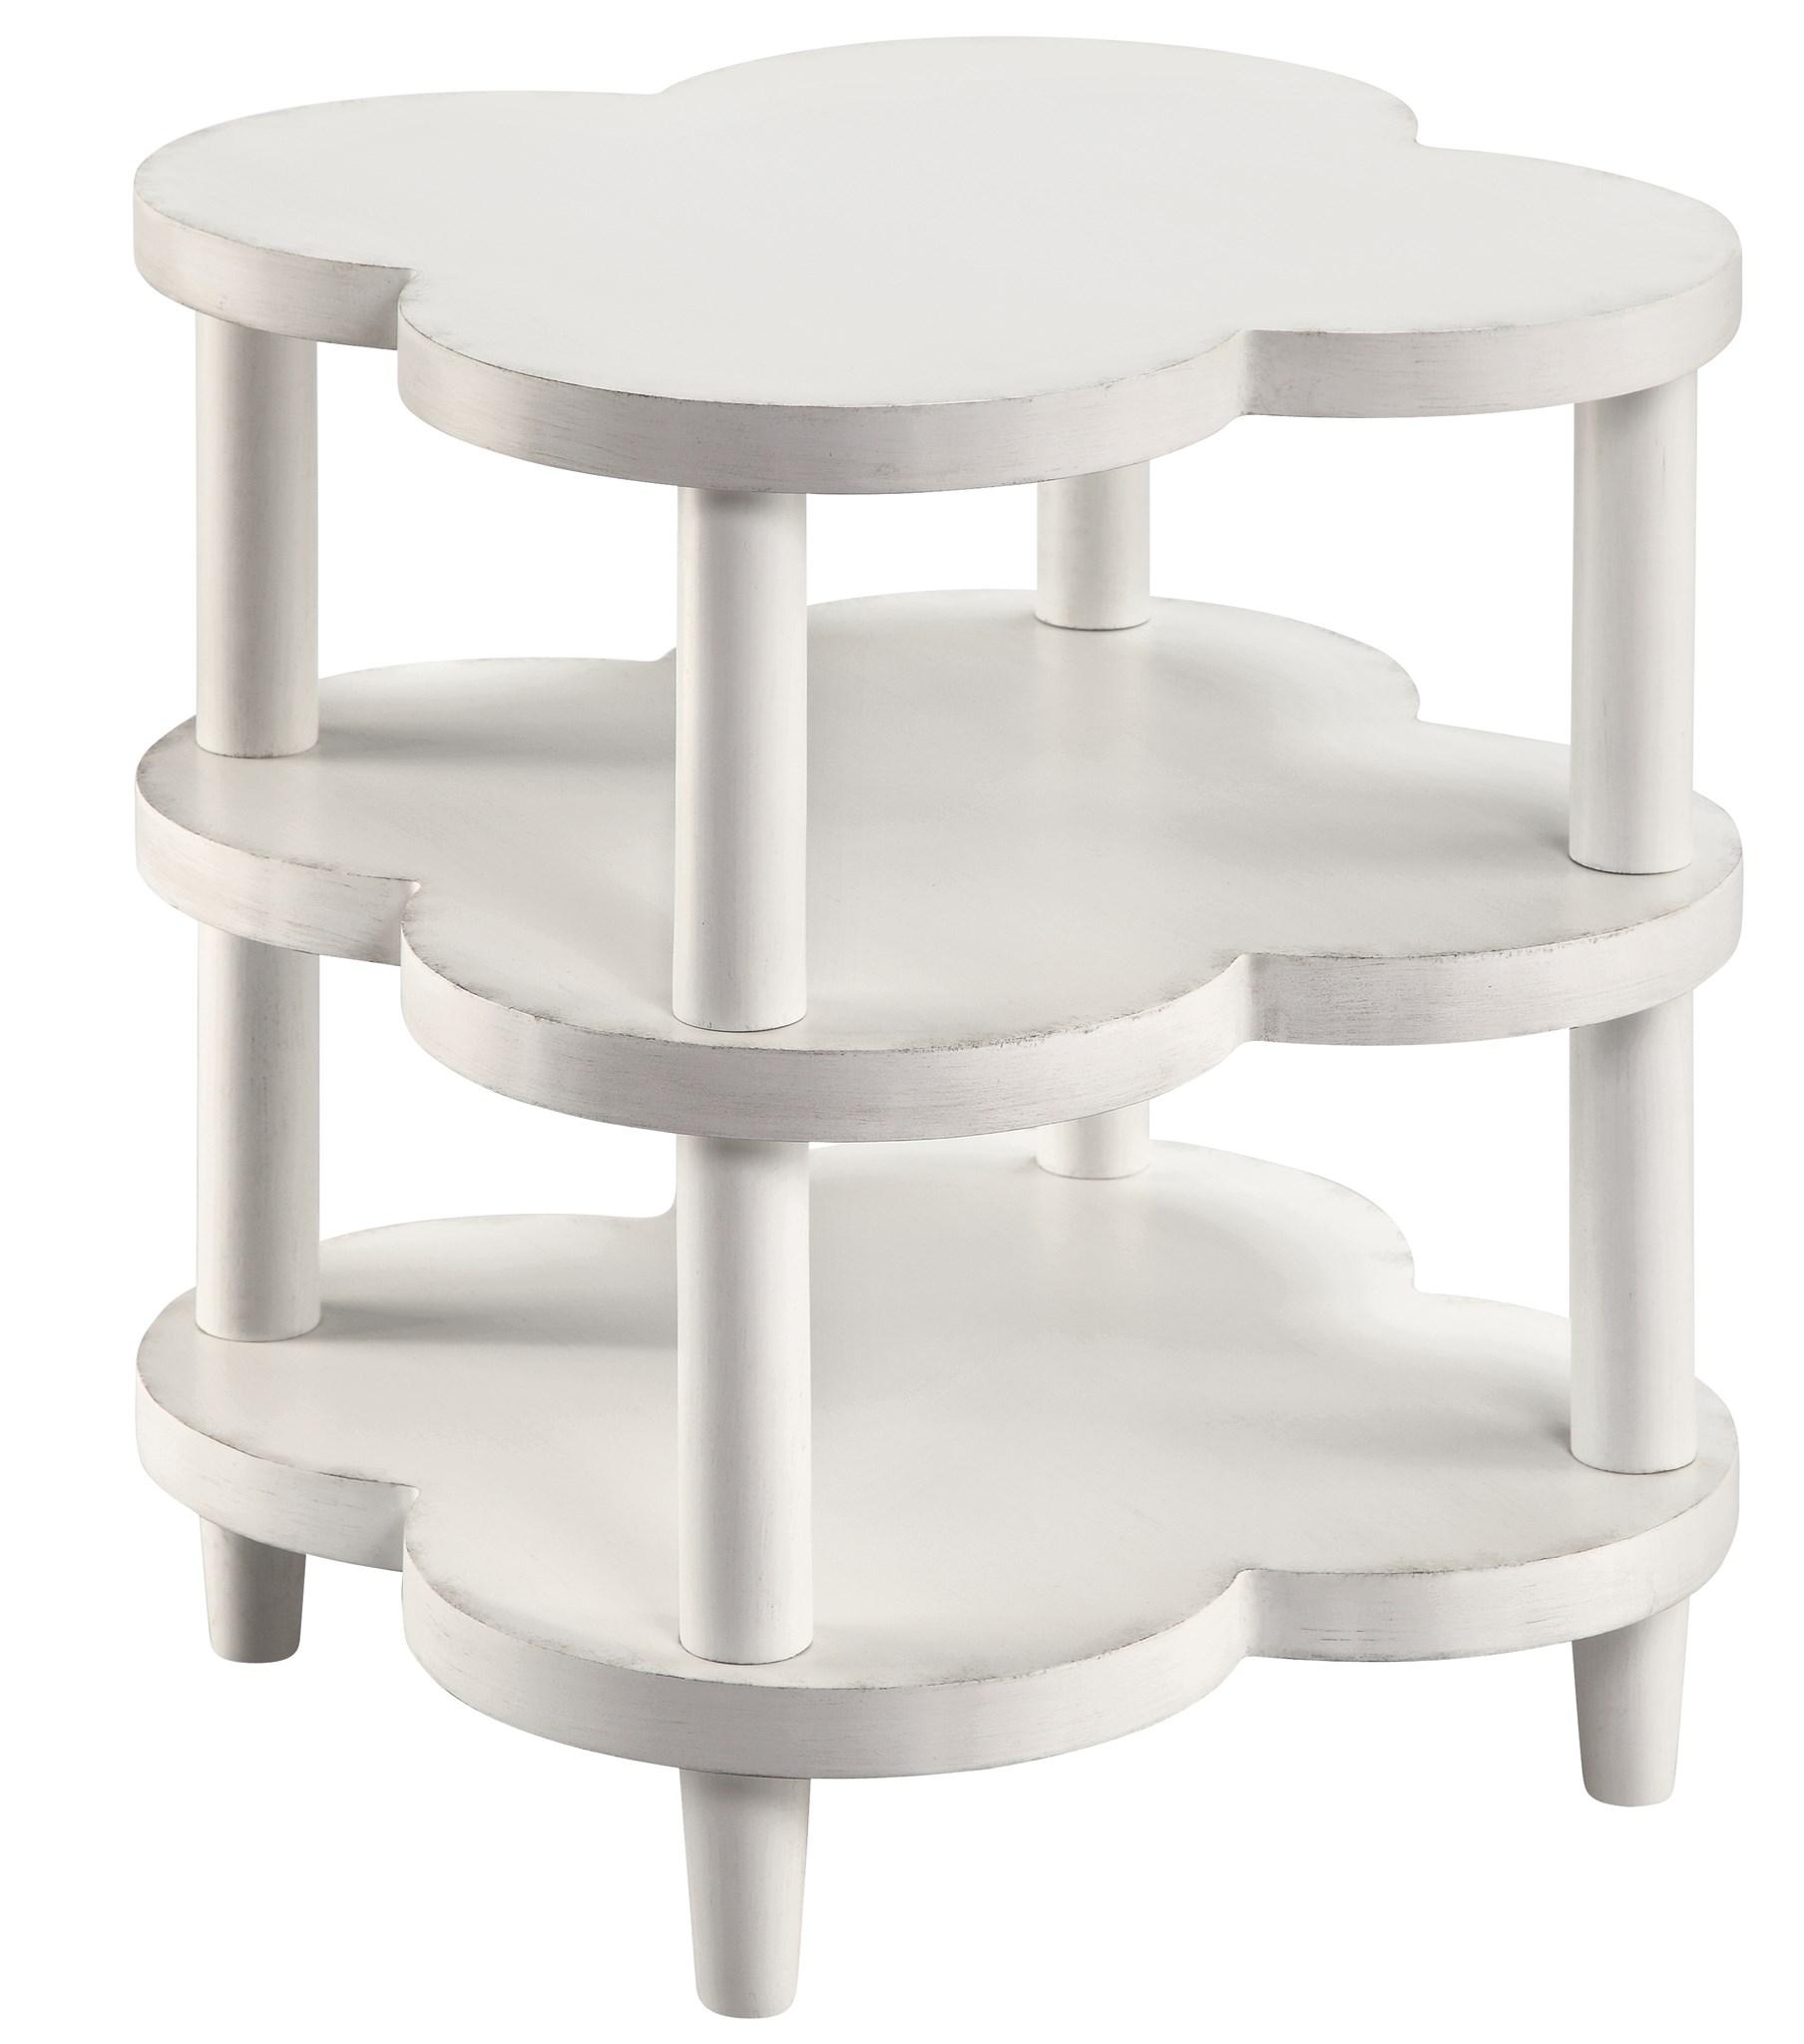 Juliette Table